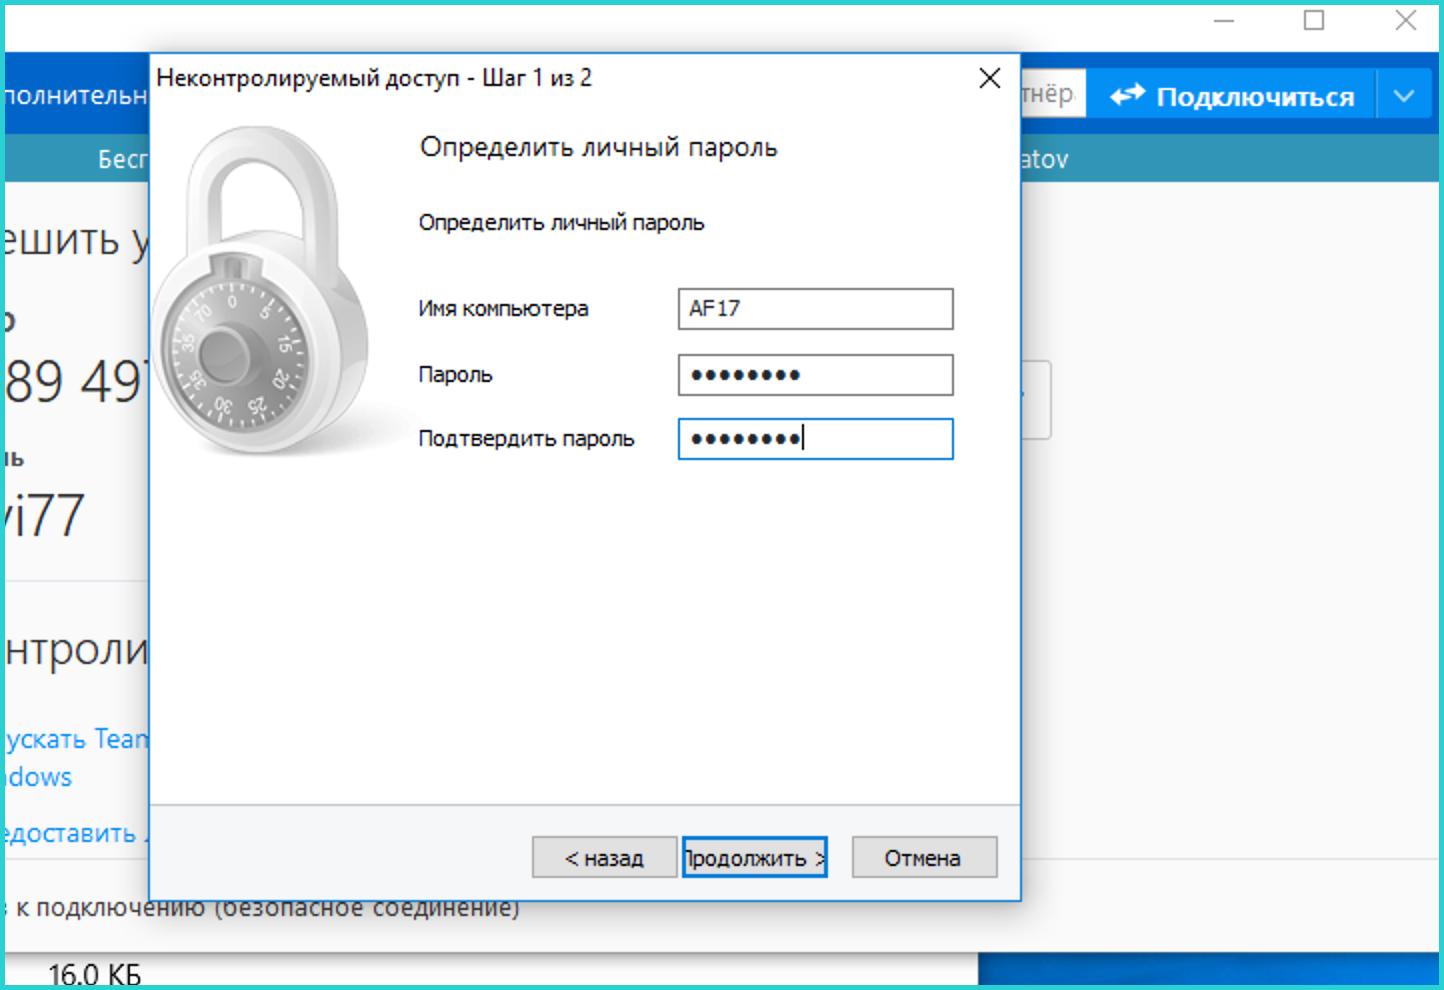 В поле «Пароль» и «Подтвердить пароль» вводим надежный пароль, нажимаем «Продолжить»